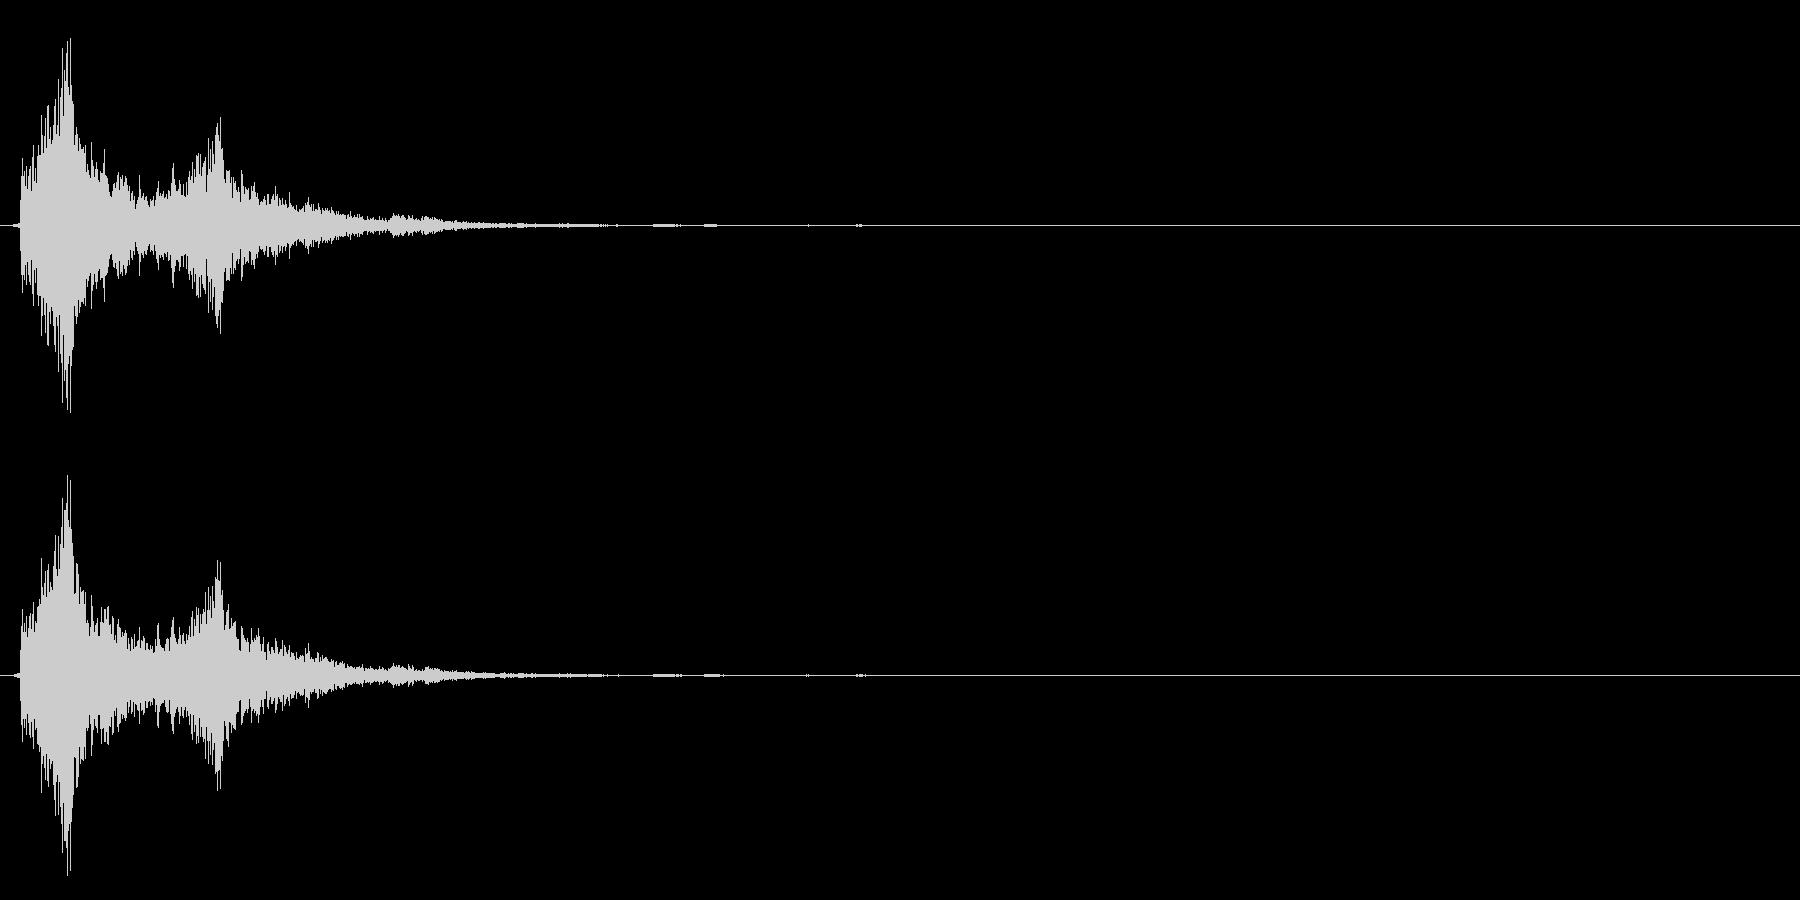 カランコロン☆ドアベルの音の未再生の波形